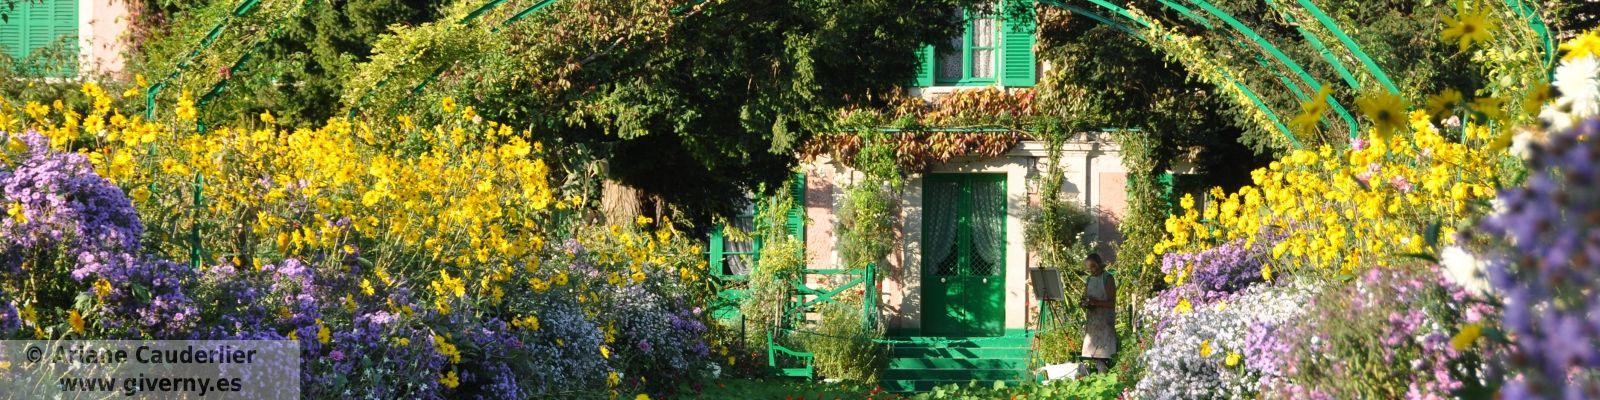 Un pintor en el jardin de Monet en Giverny